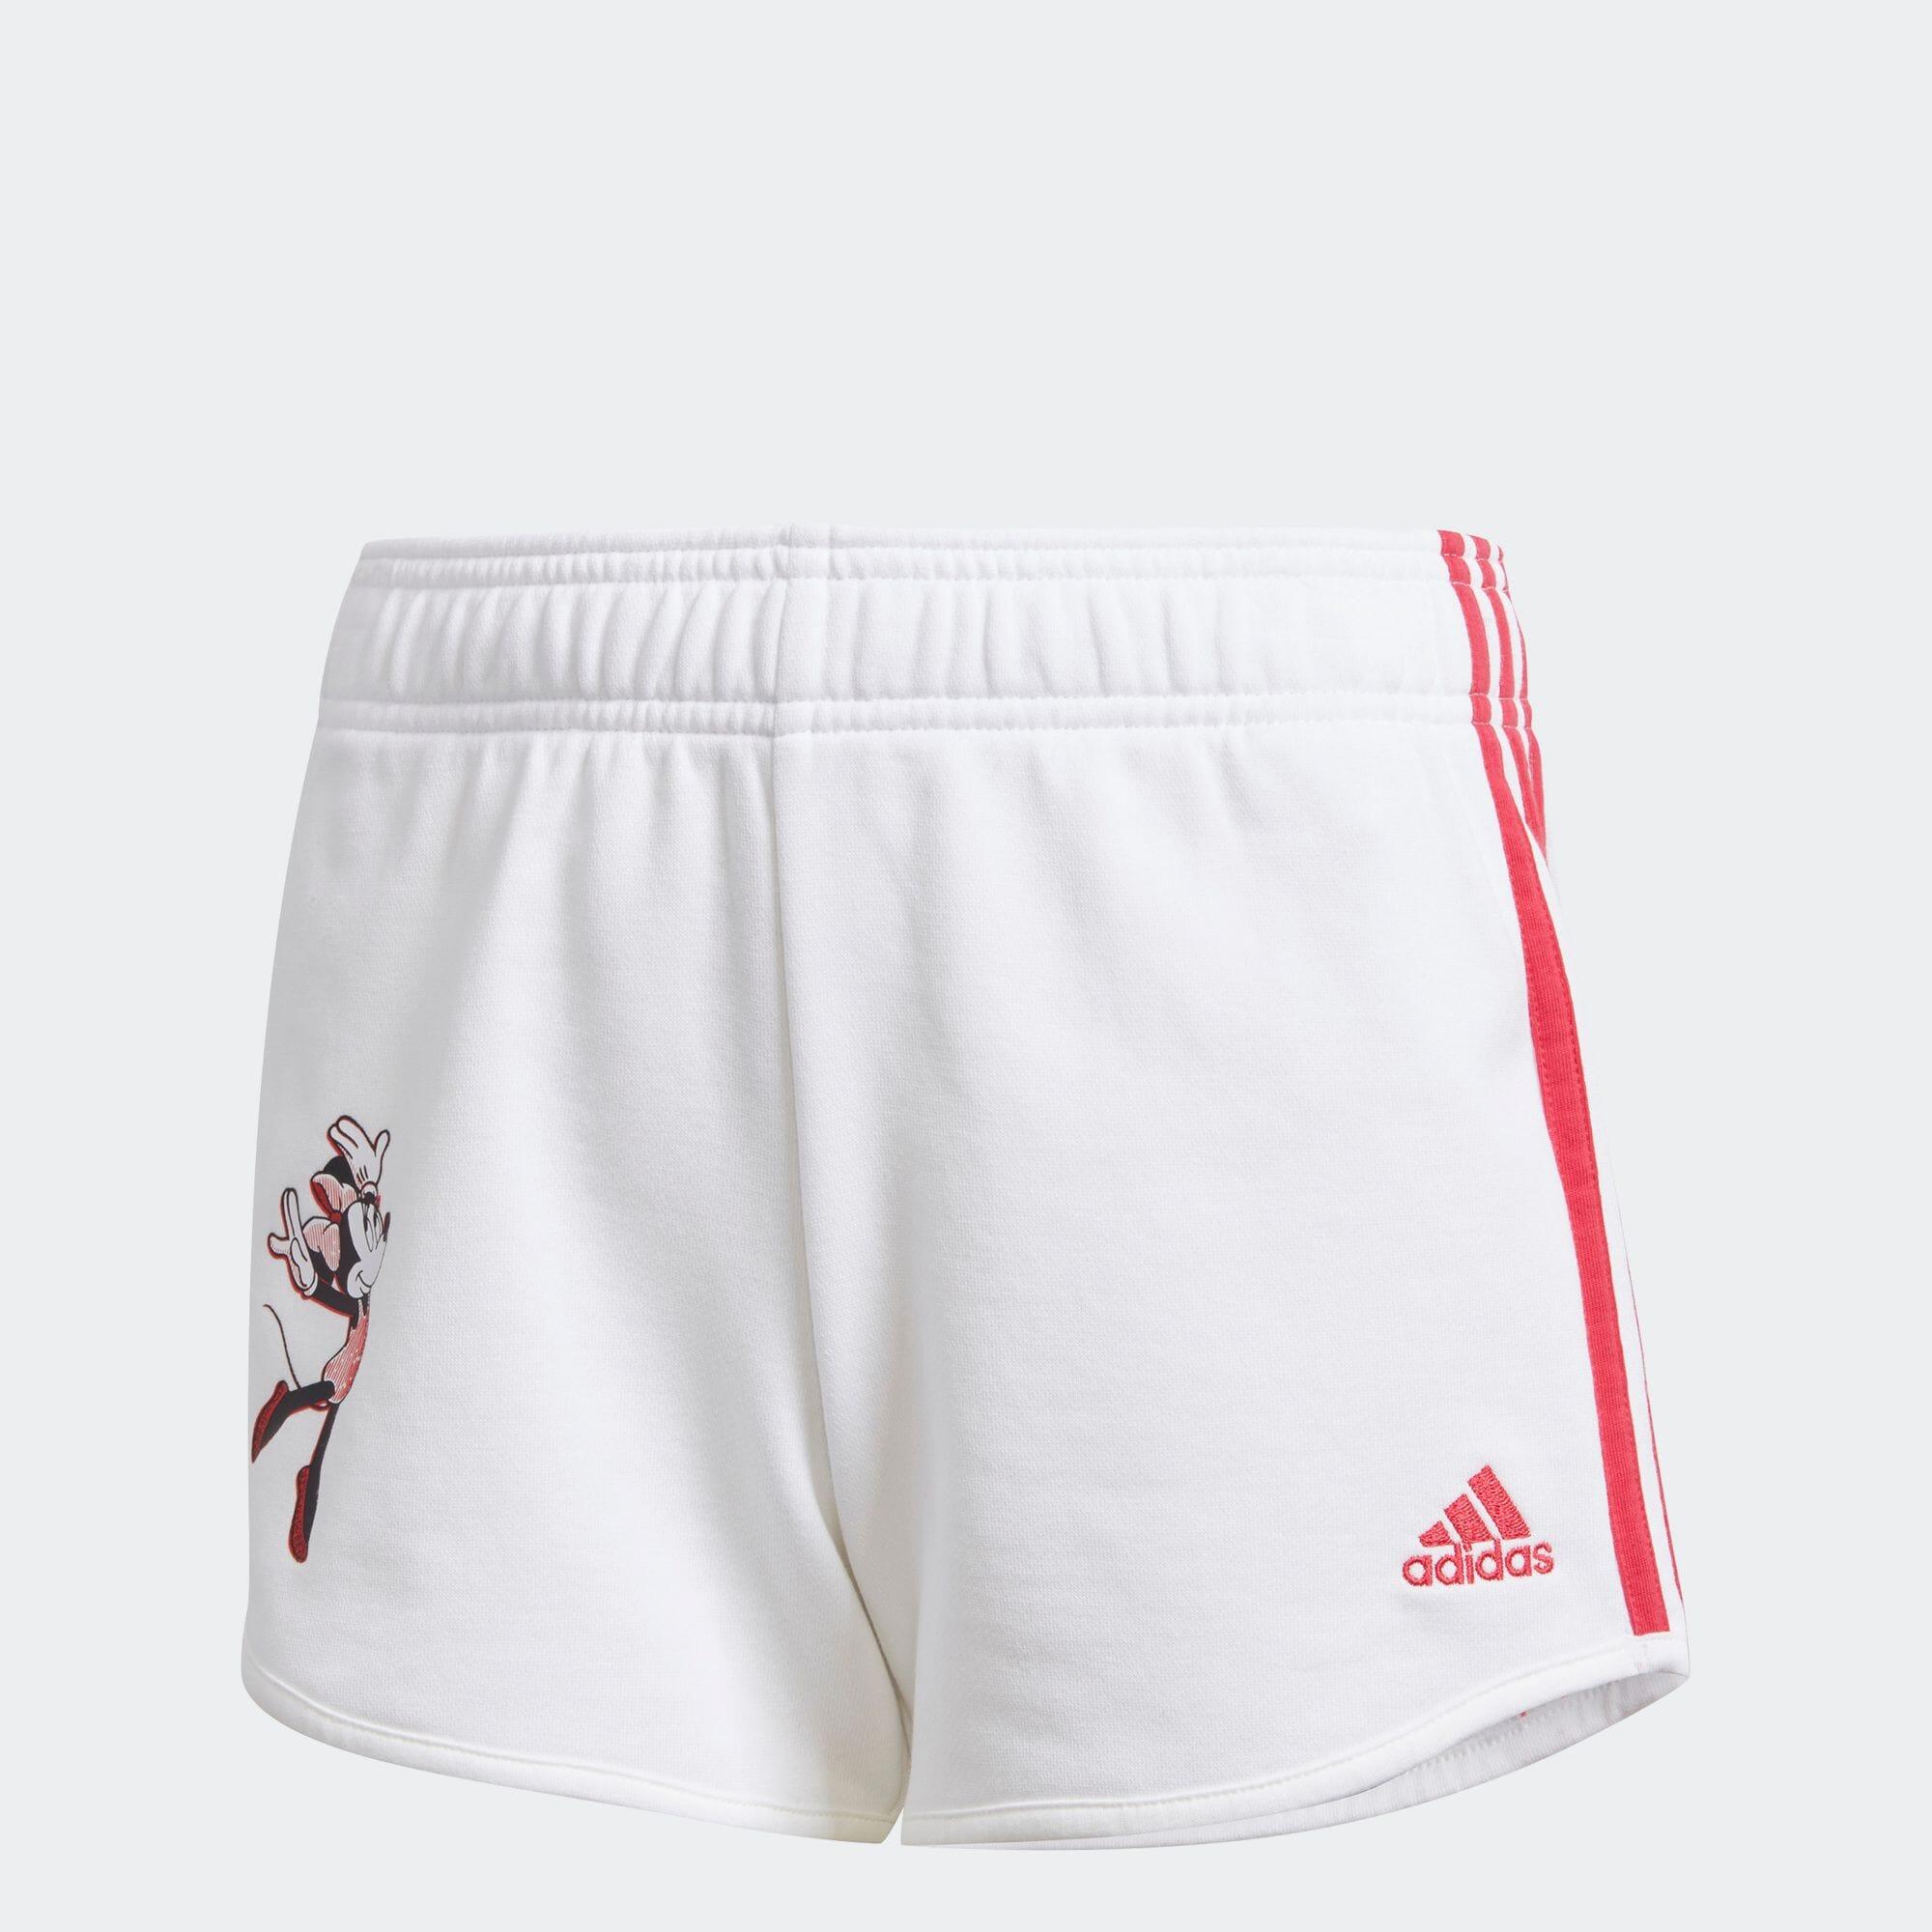 ジムショーツ / Gym Shorts